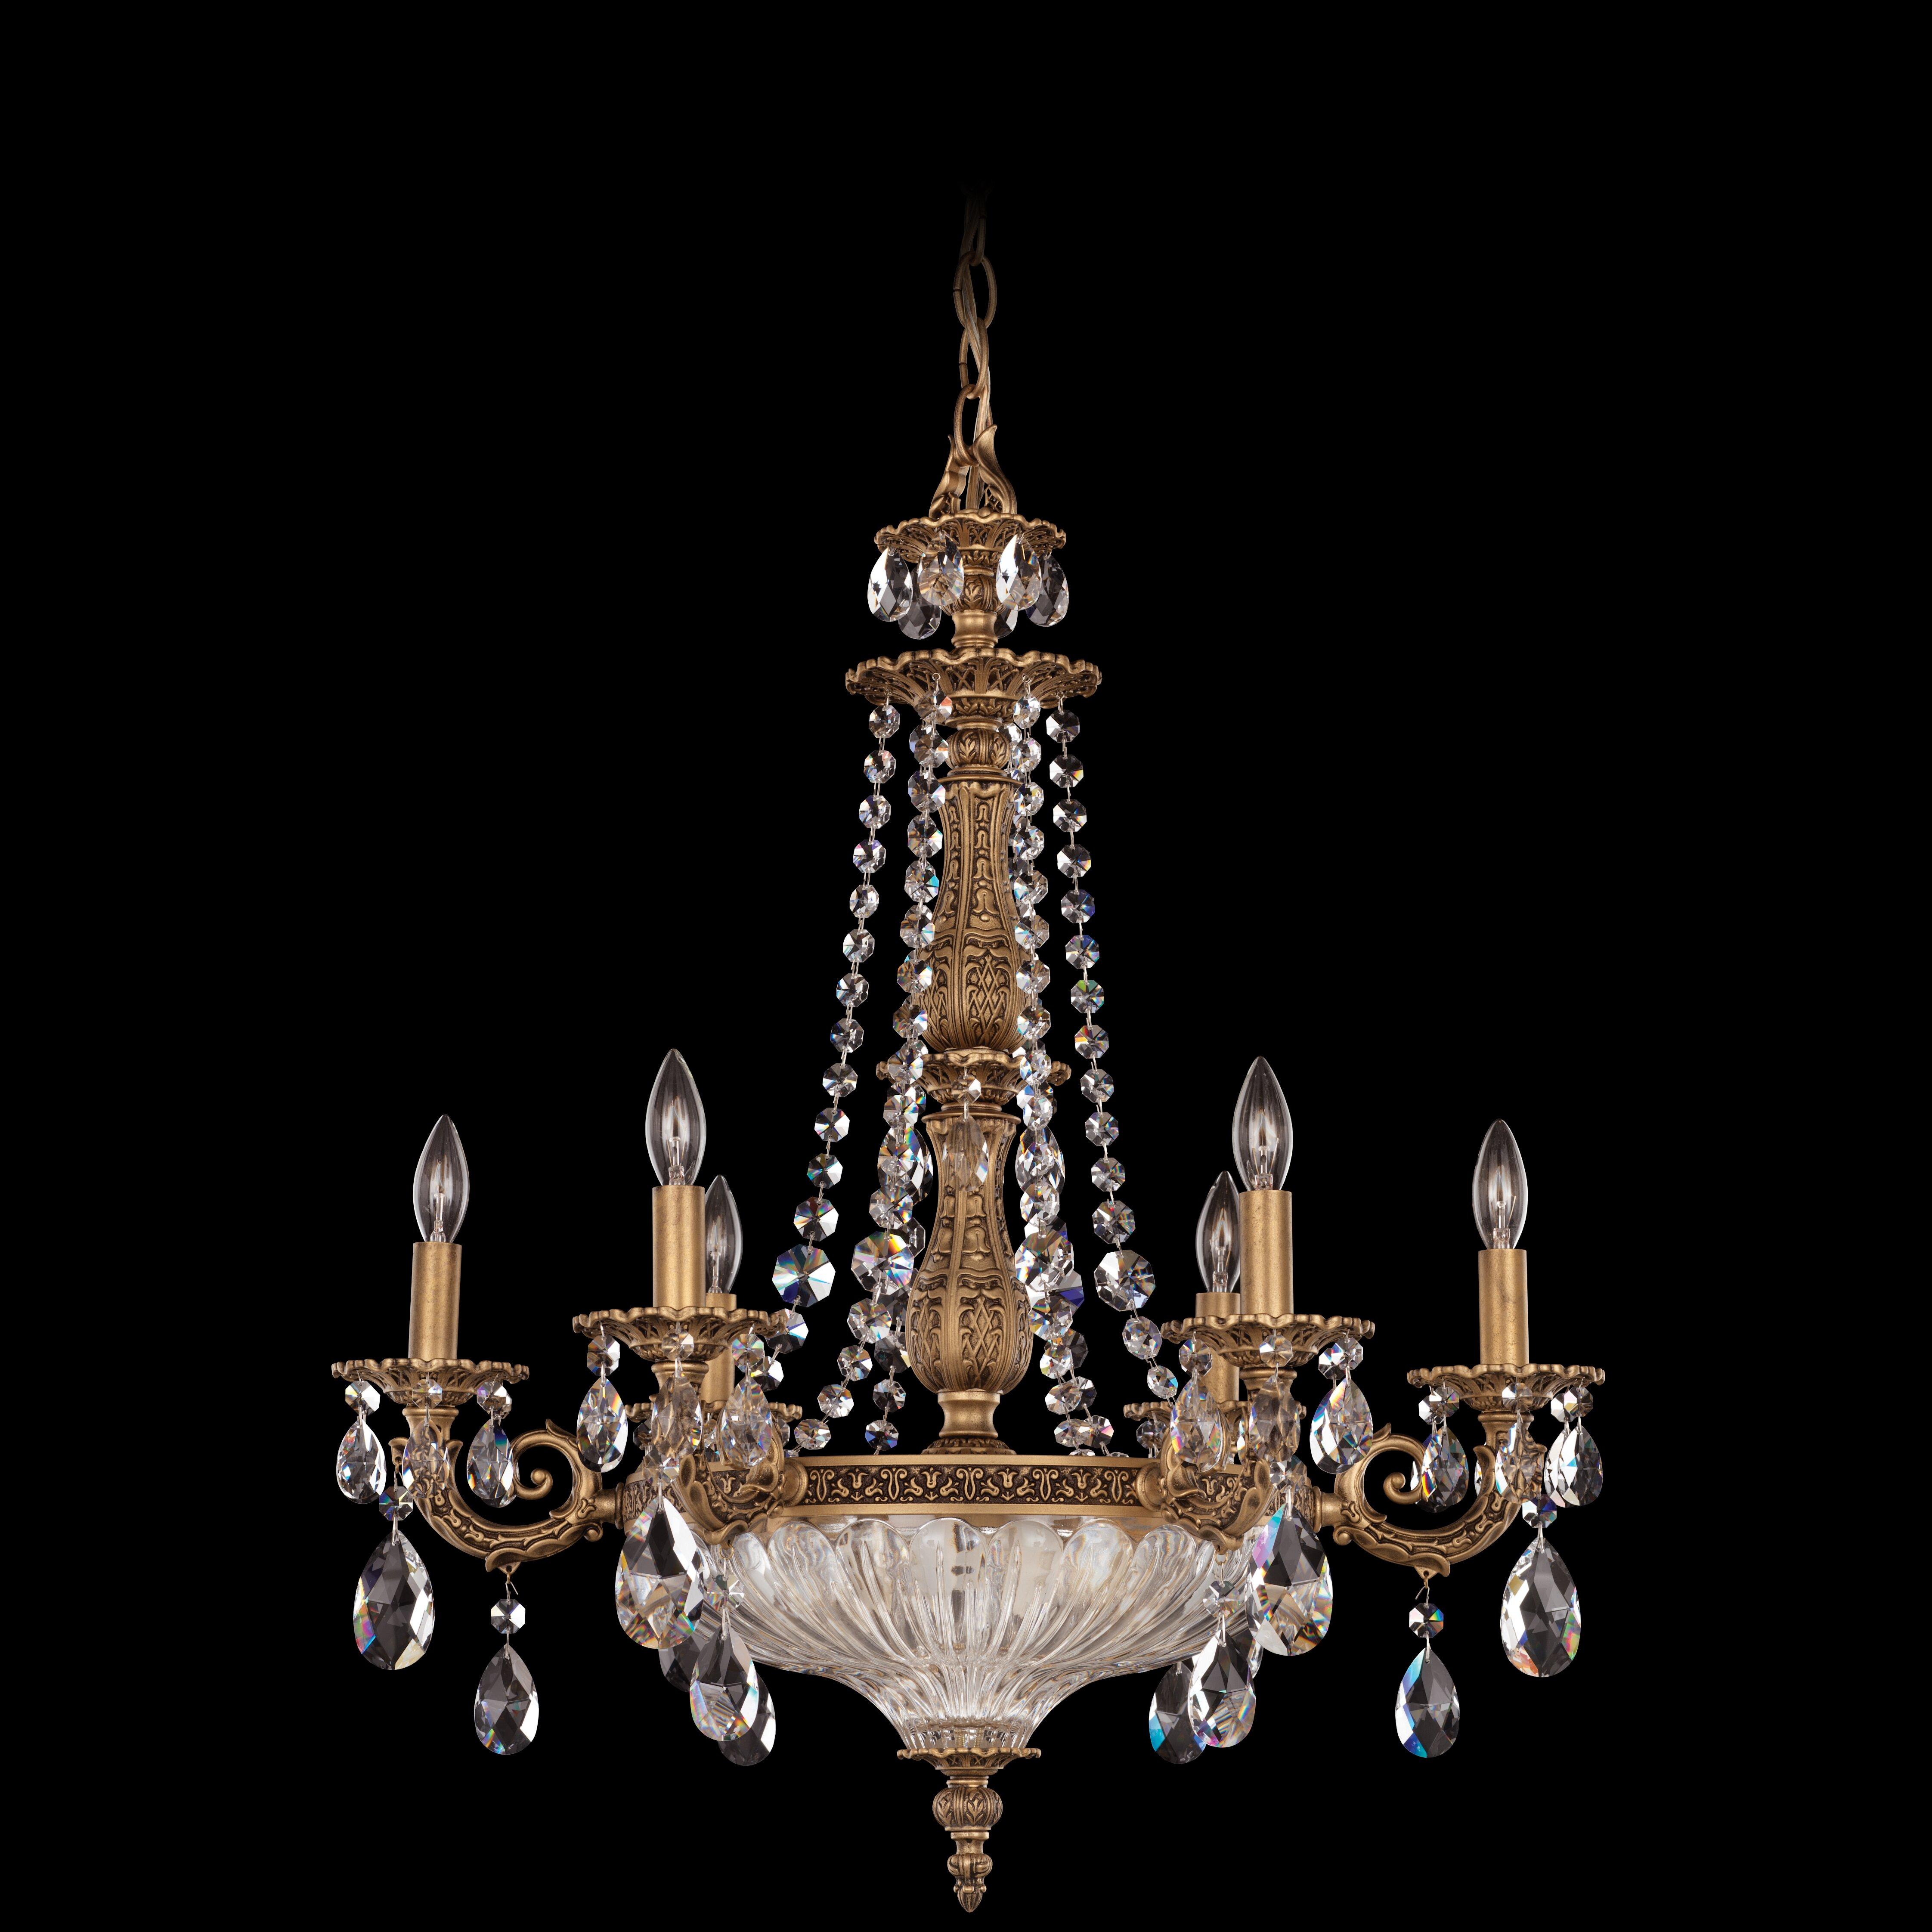 Schonbek Chandelier Wayfair: Schonbek Milano 12 Light Crystal Chandelier & Reviews